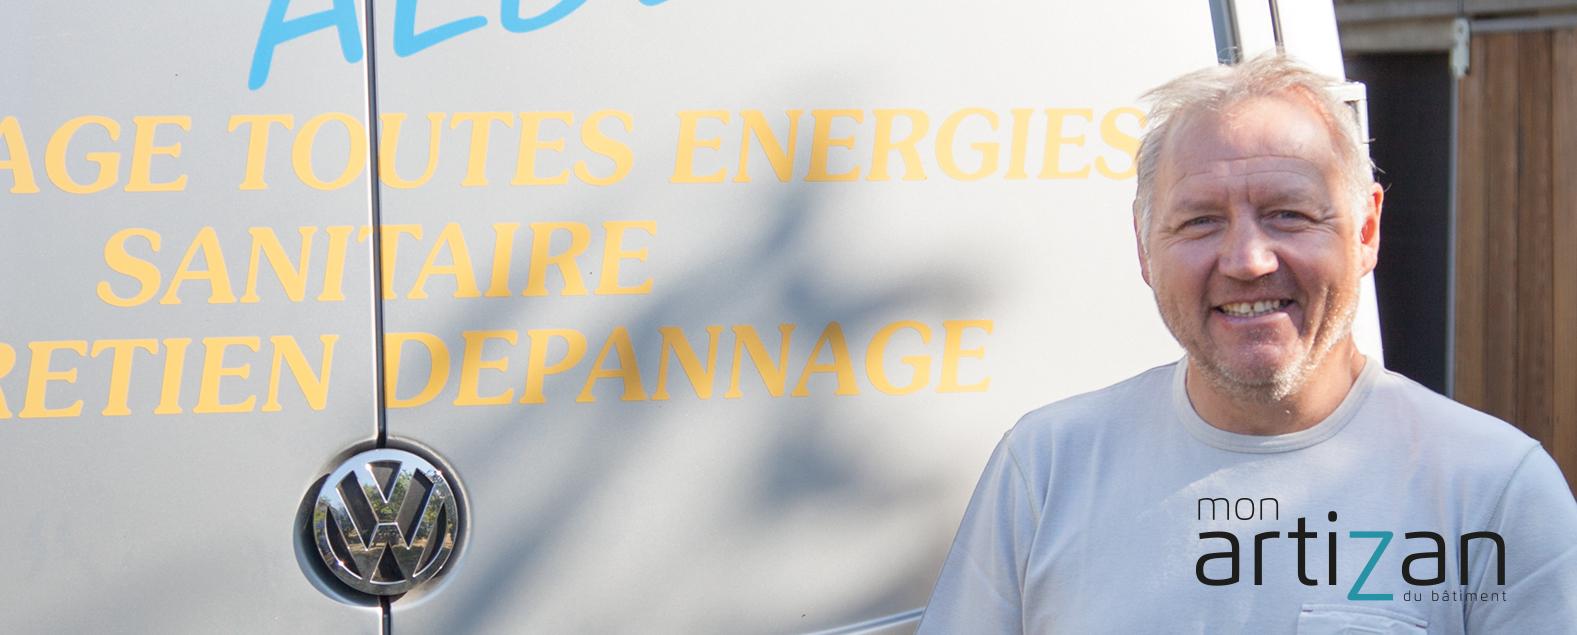 PATRICE ALBERTS : CHAUFFAGE ET ENERGIES, SANITAIRE, DEPANNAGE, ENTRETIEN